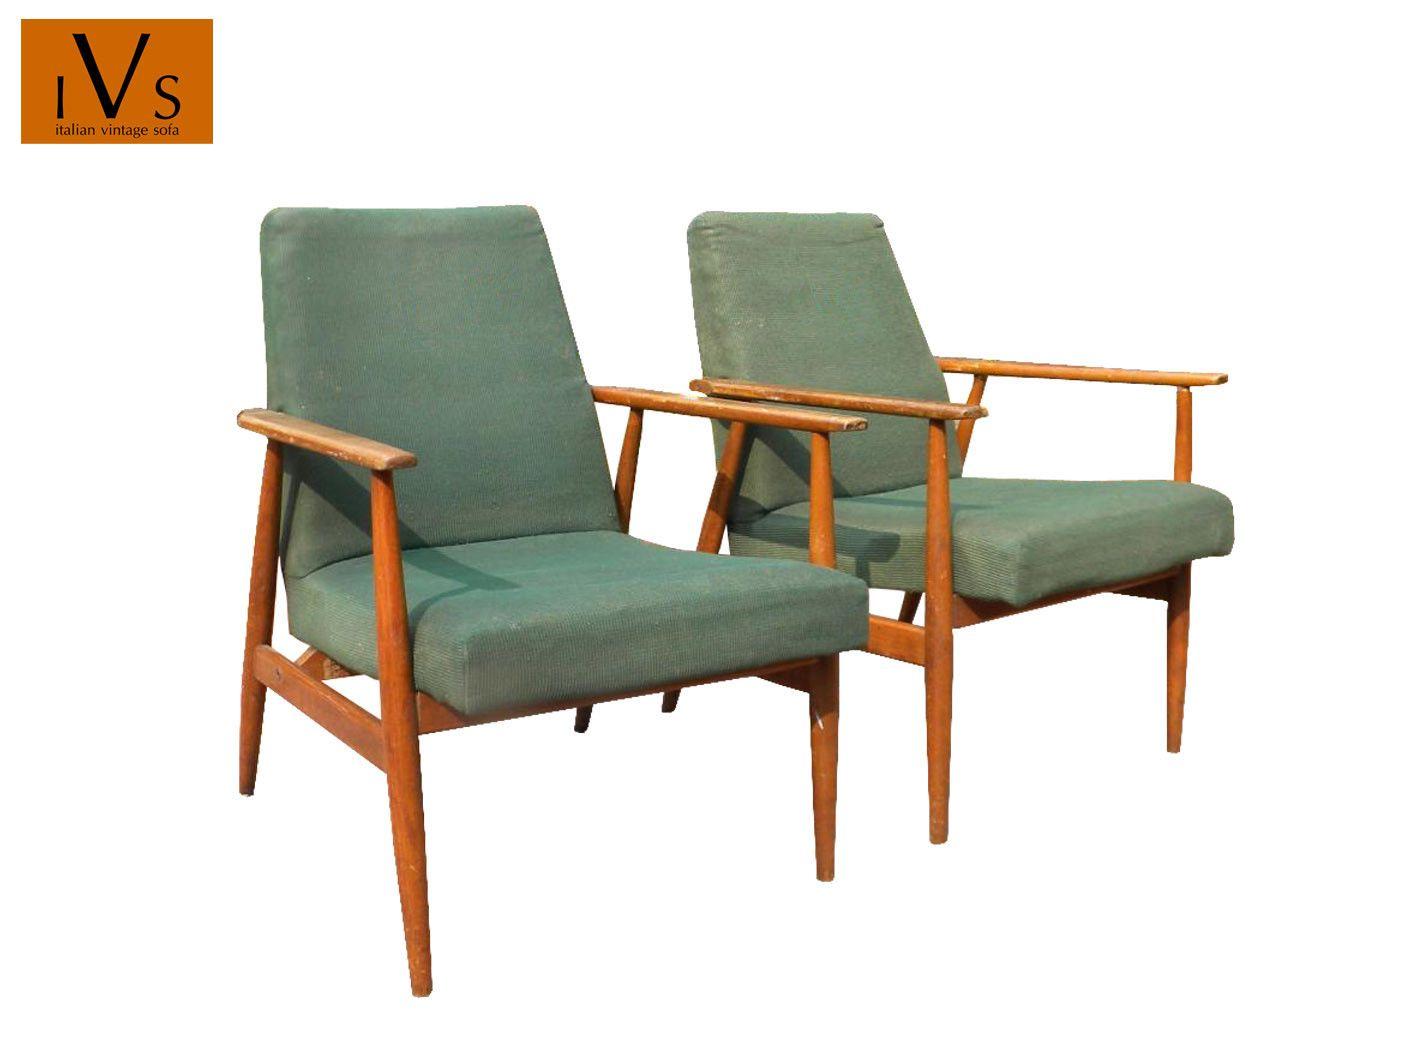 Da specialisti di mobili e di decorazioni stile vintage, vi offriamo un'ampia scelta di sedie anni 50 di ispirazione indiscutibilmente nordica. Poltrone Anni 50 Stile Scandinavo Italian Vintage Sofa Vintage Sofa Poltrone Arredamento